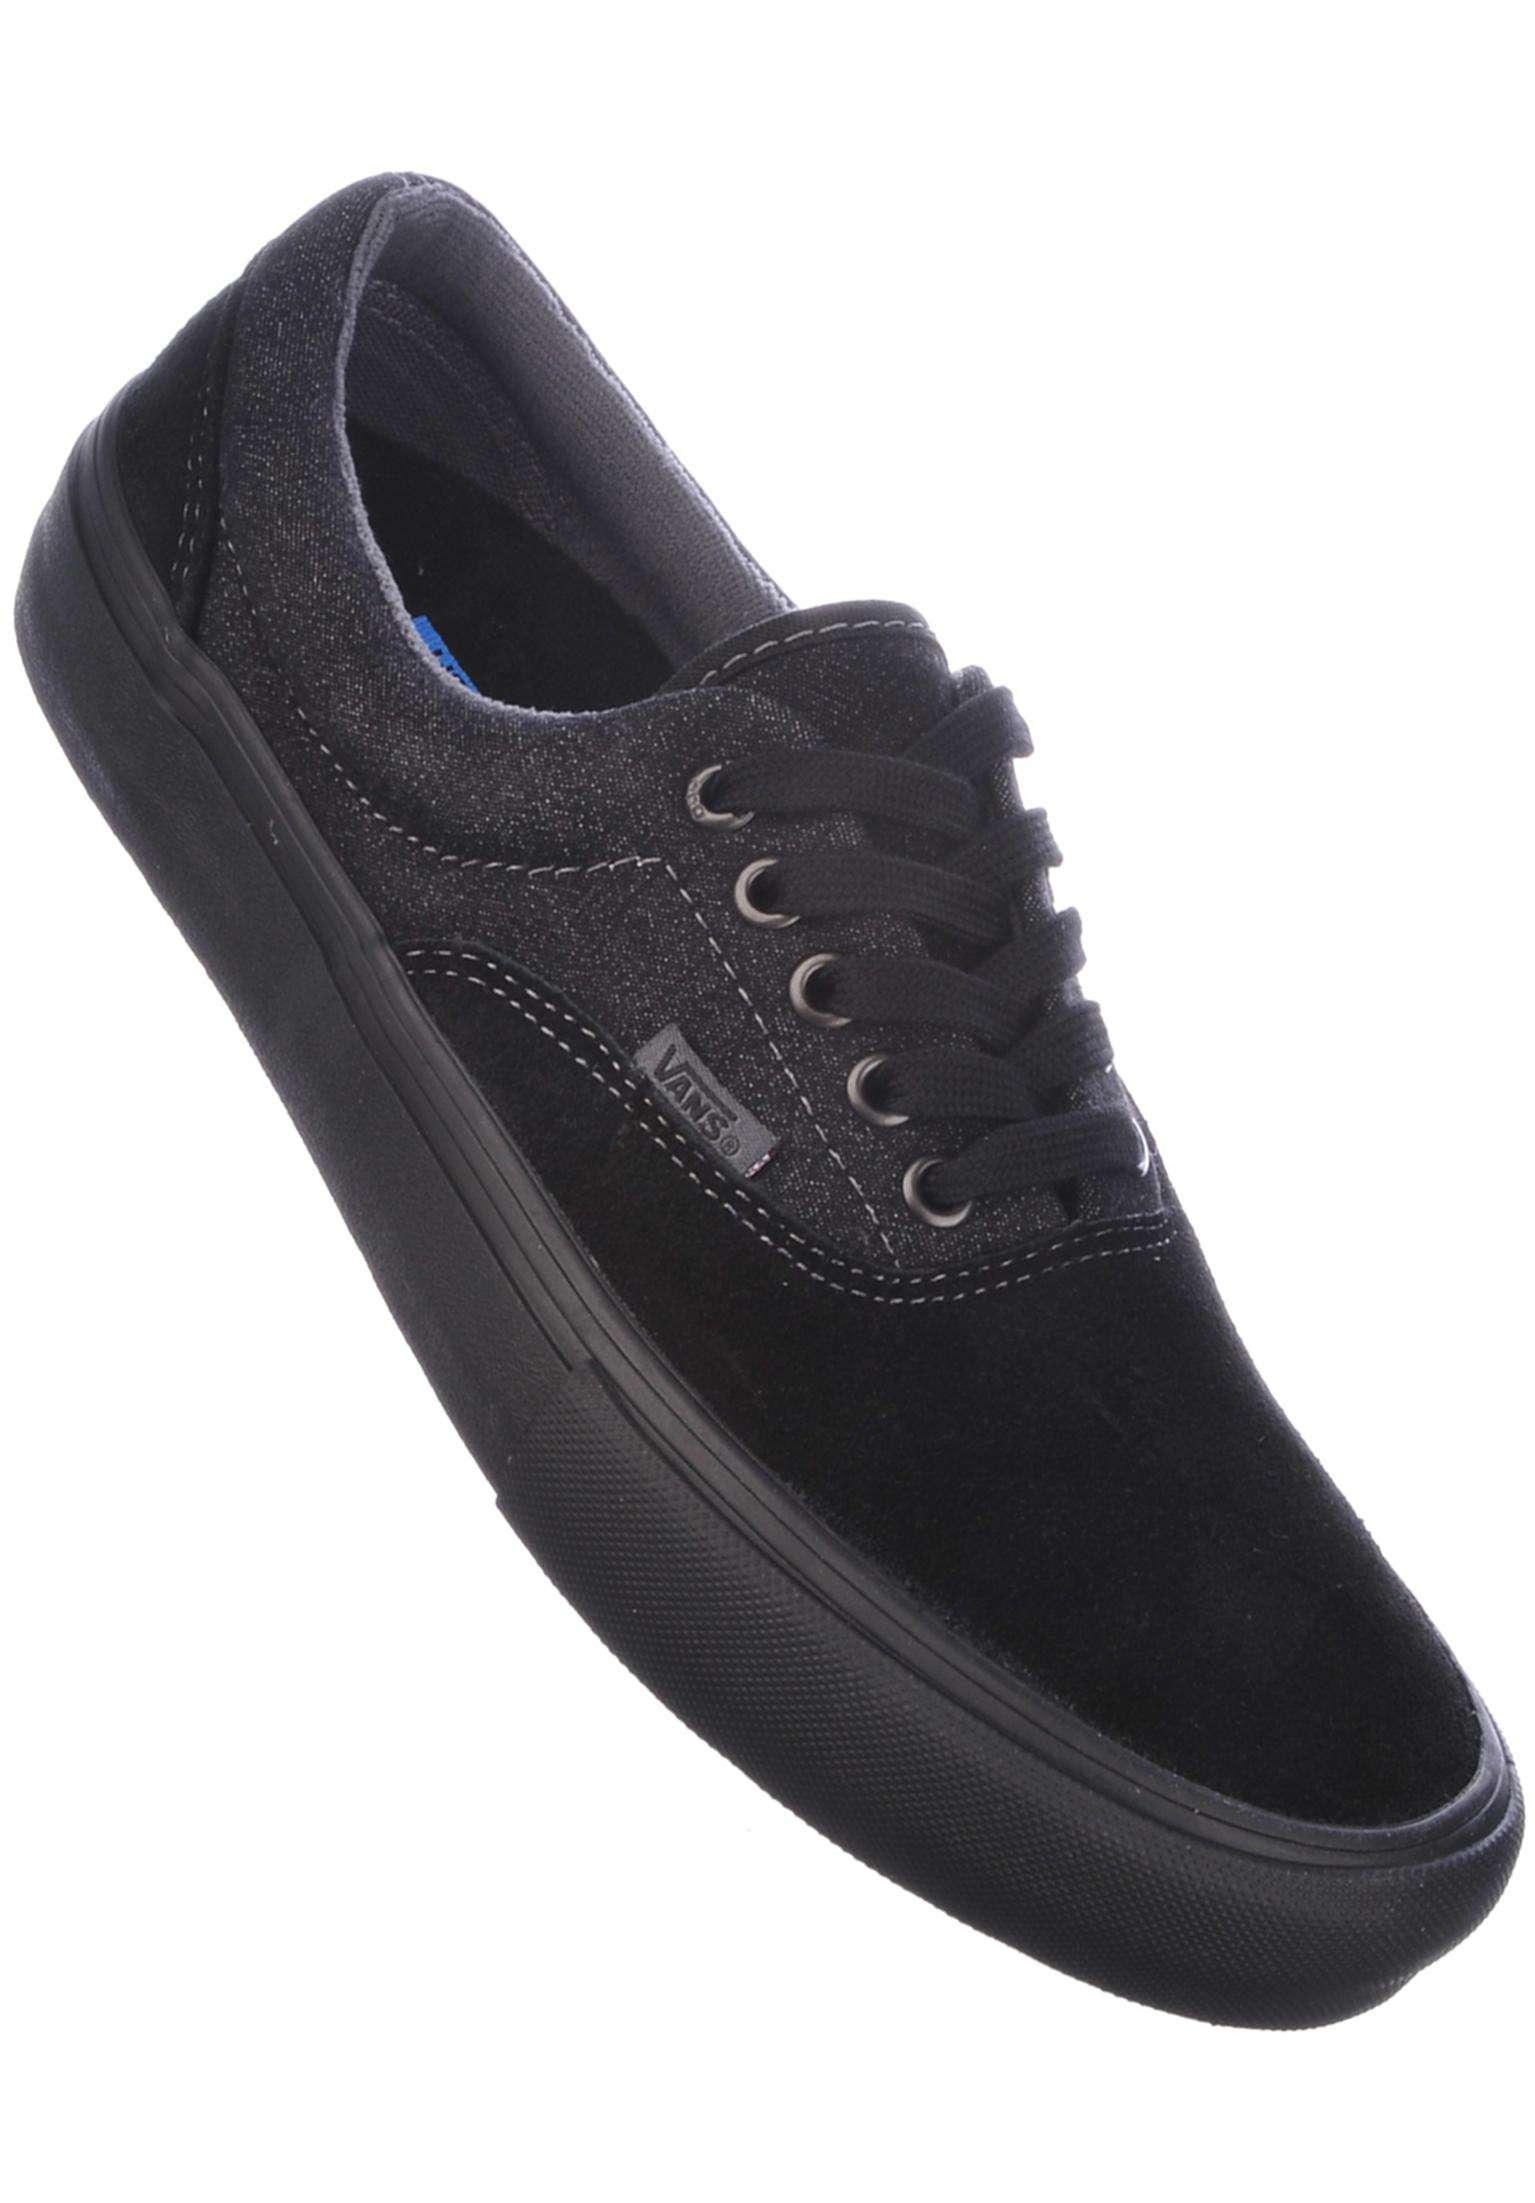 707059440a Era Pro Vans All Shoes in black-black-asphalt for Men